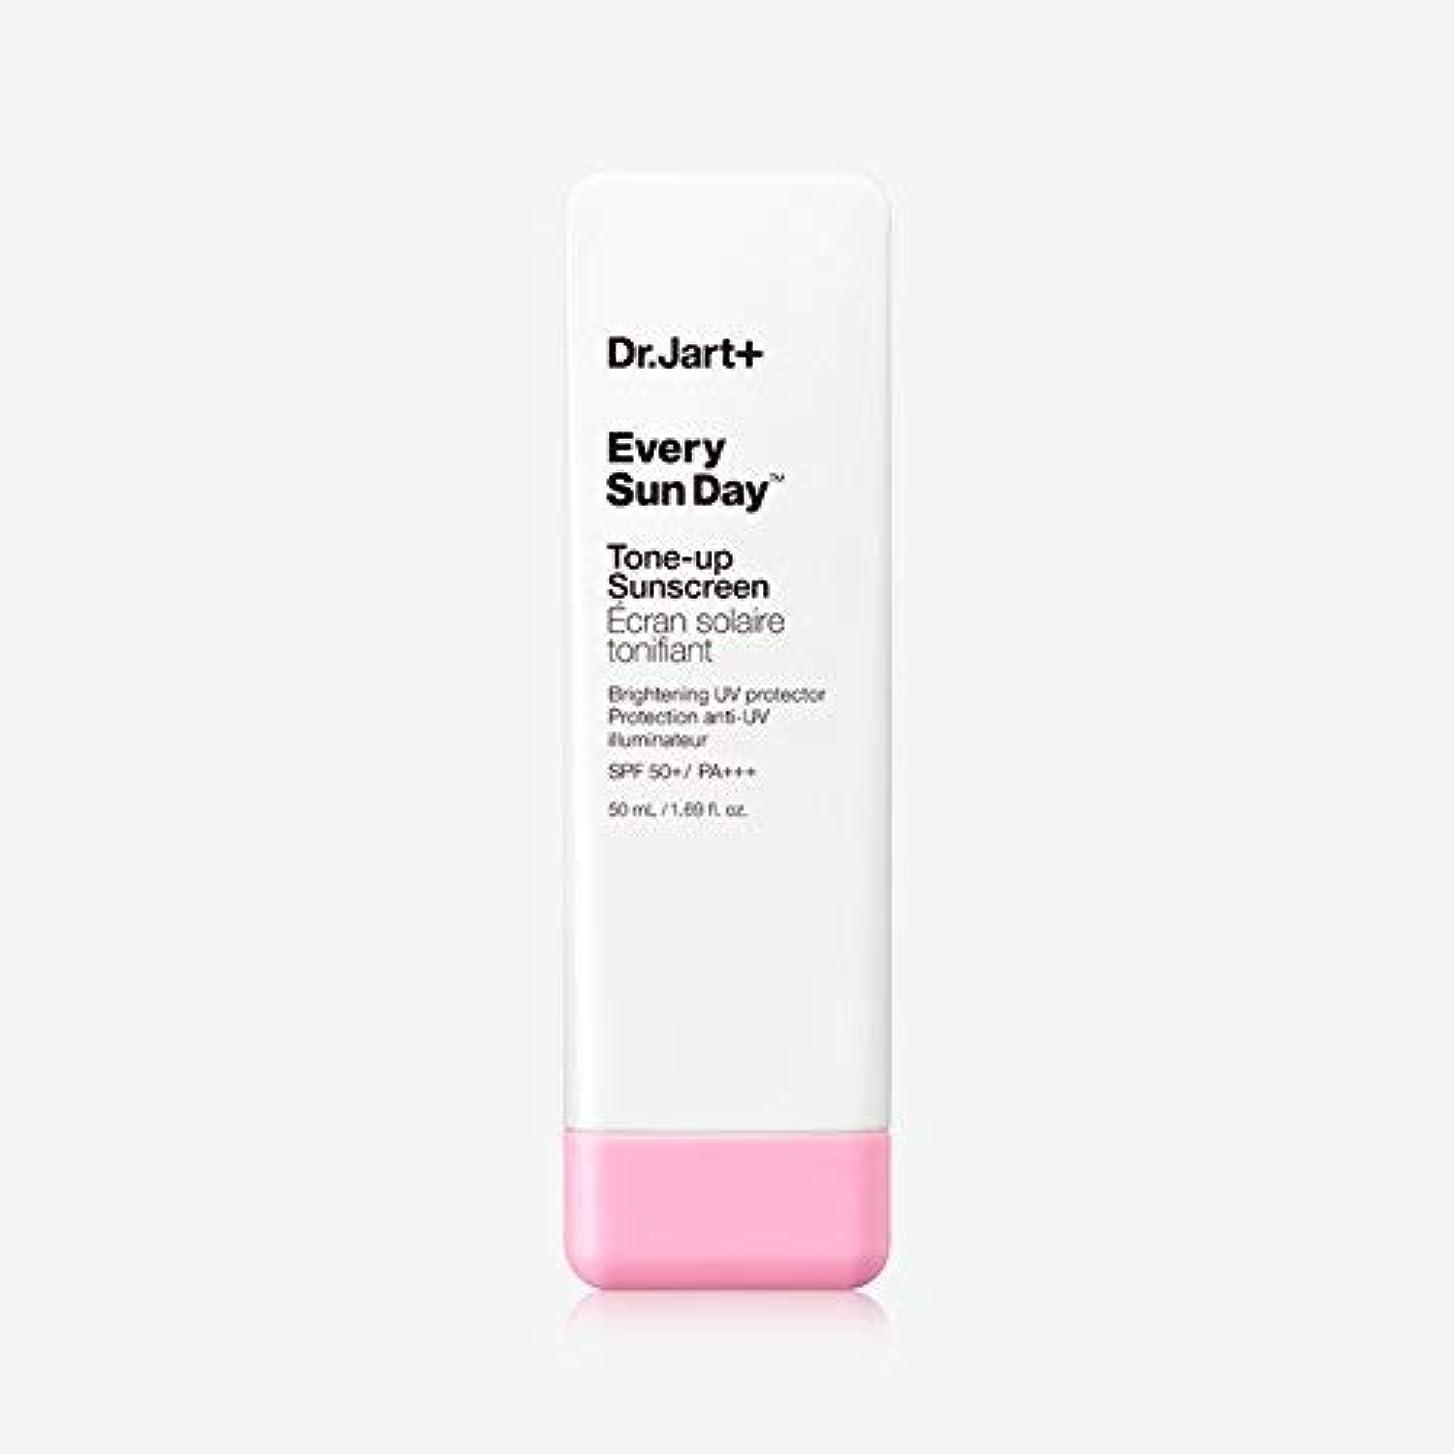 散逸制限するルーキーDr.Jart+ Every Sun Day Tone-up Sunscreen SPF50+ PA+++ 50ml / ドクタージャルトゥエヴリサンデートーンアップサンスクリーンSPF50+PA+++50ml [並行輸入品]